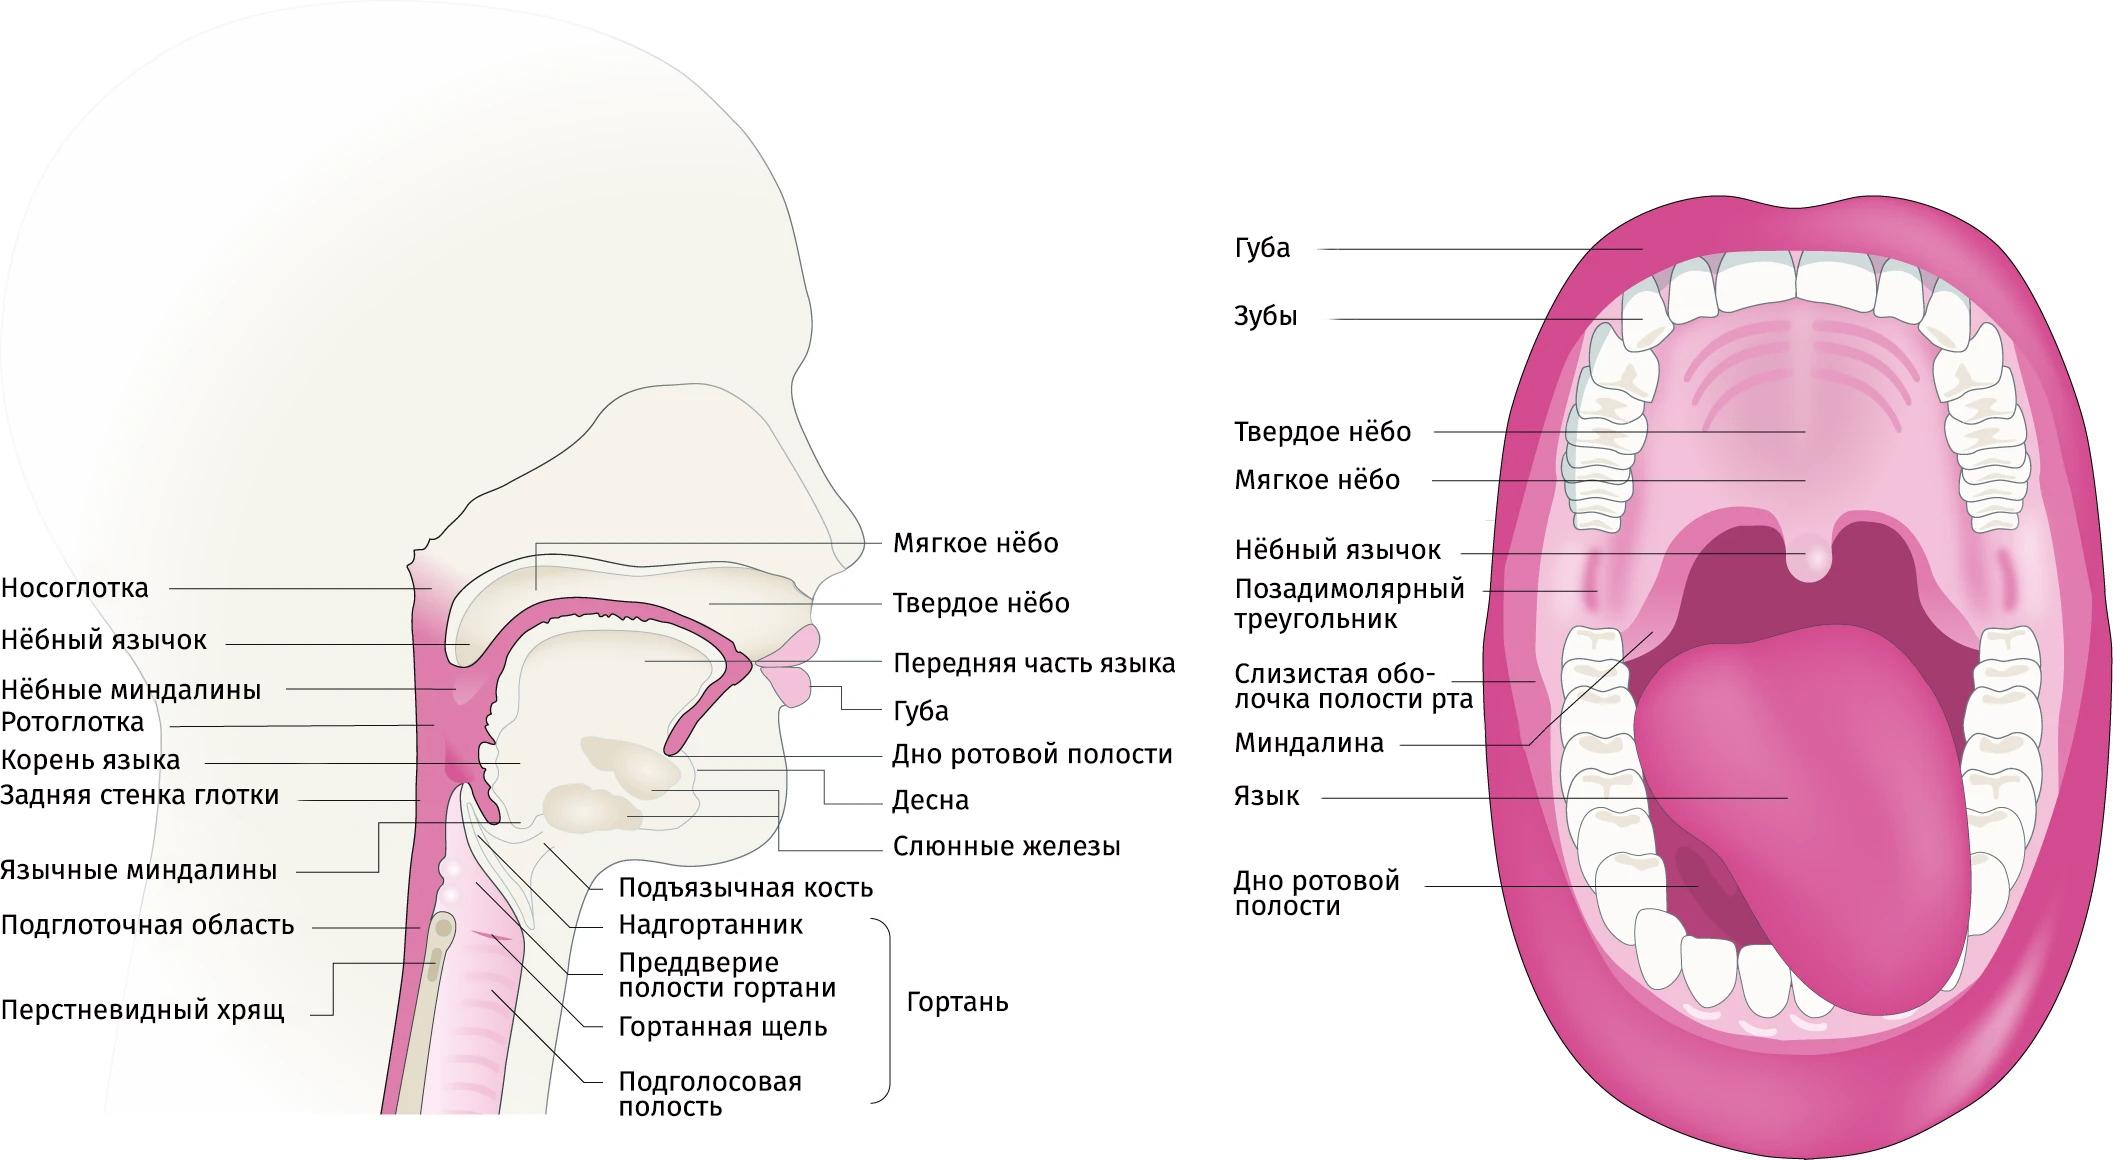 Анатомия головы и шеи, регионы